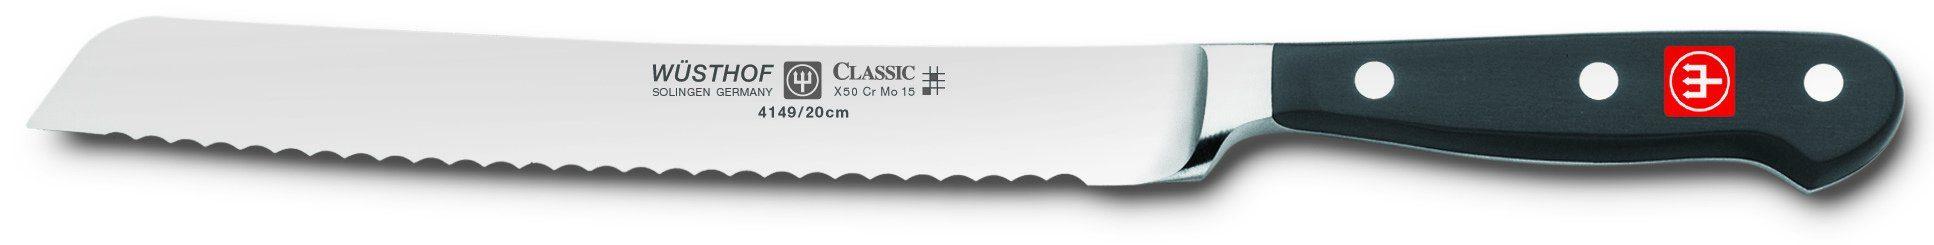 Wüsthof Brotmesser »Classic«